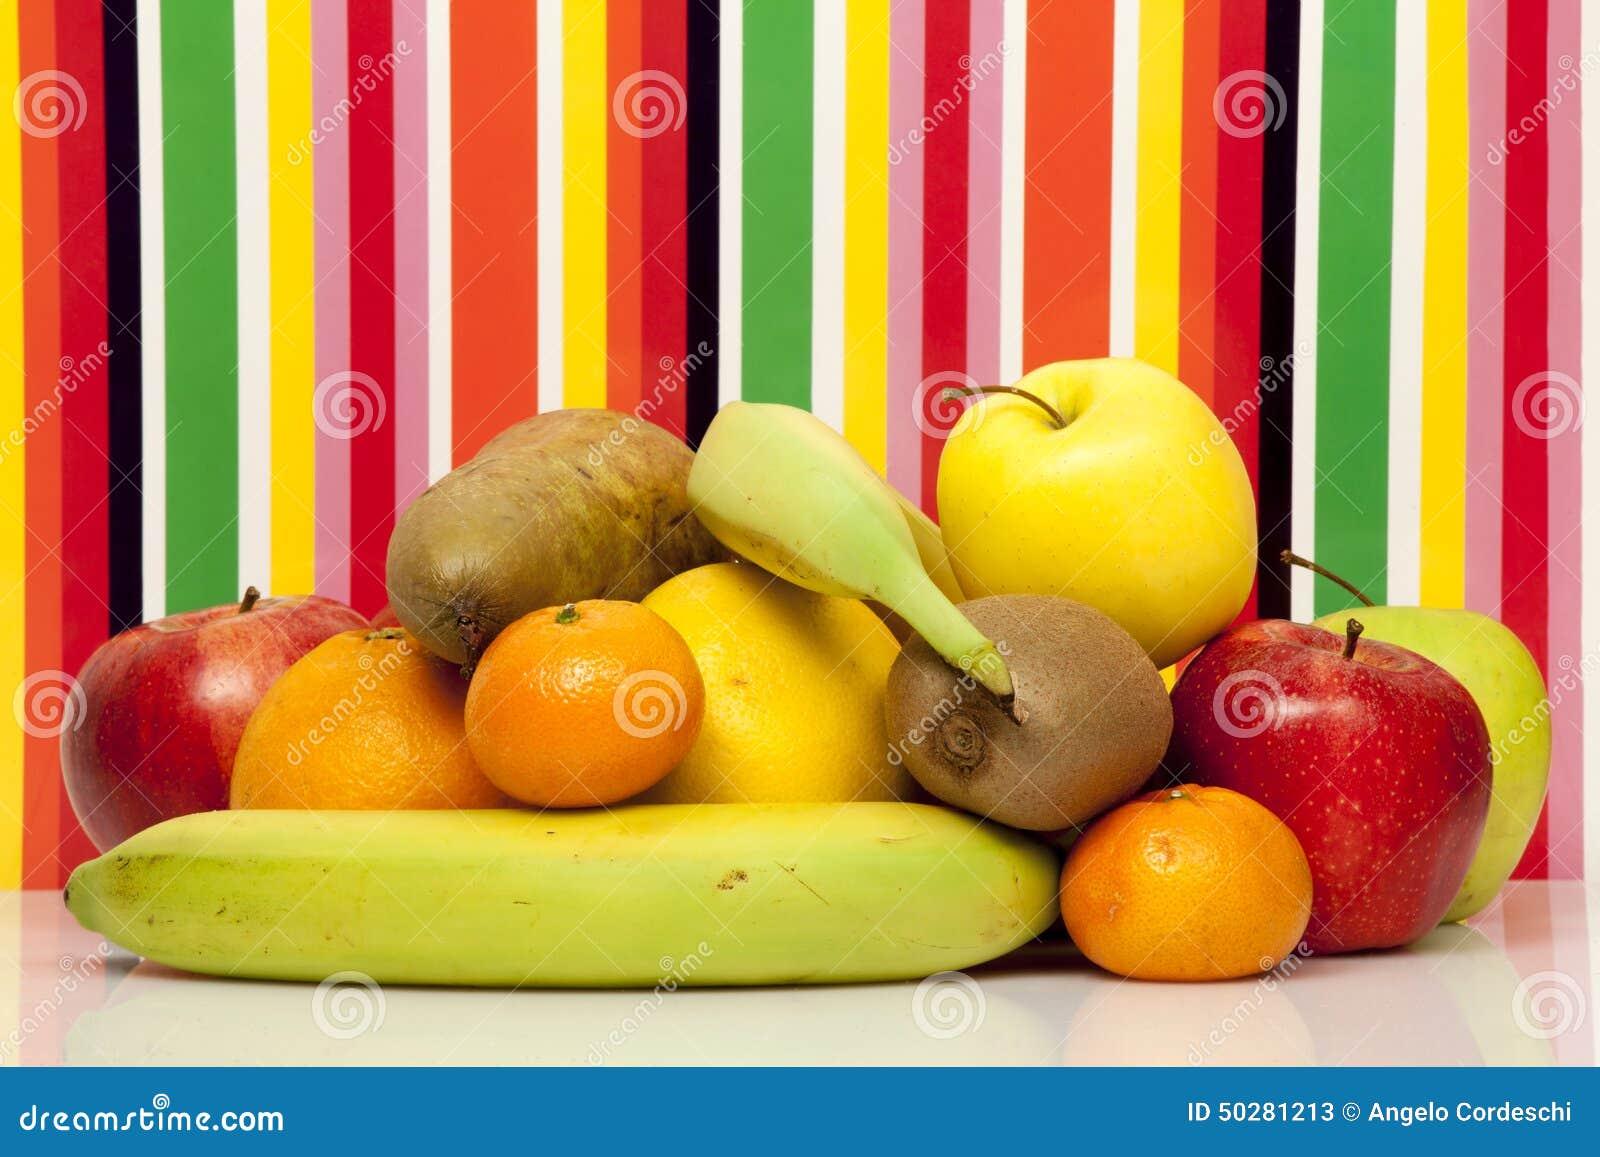 Frutas Apple, pera, naranja, pomelo, mandarín, kiwi, plátano Fondo multicolor